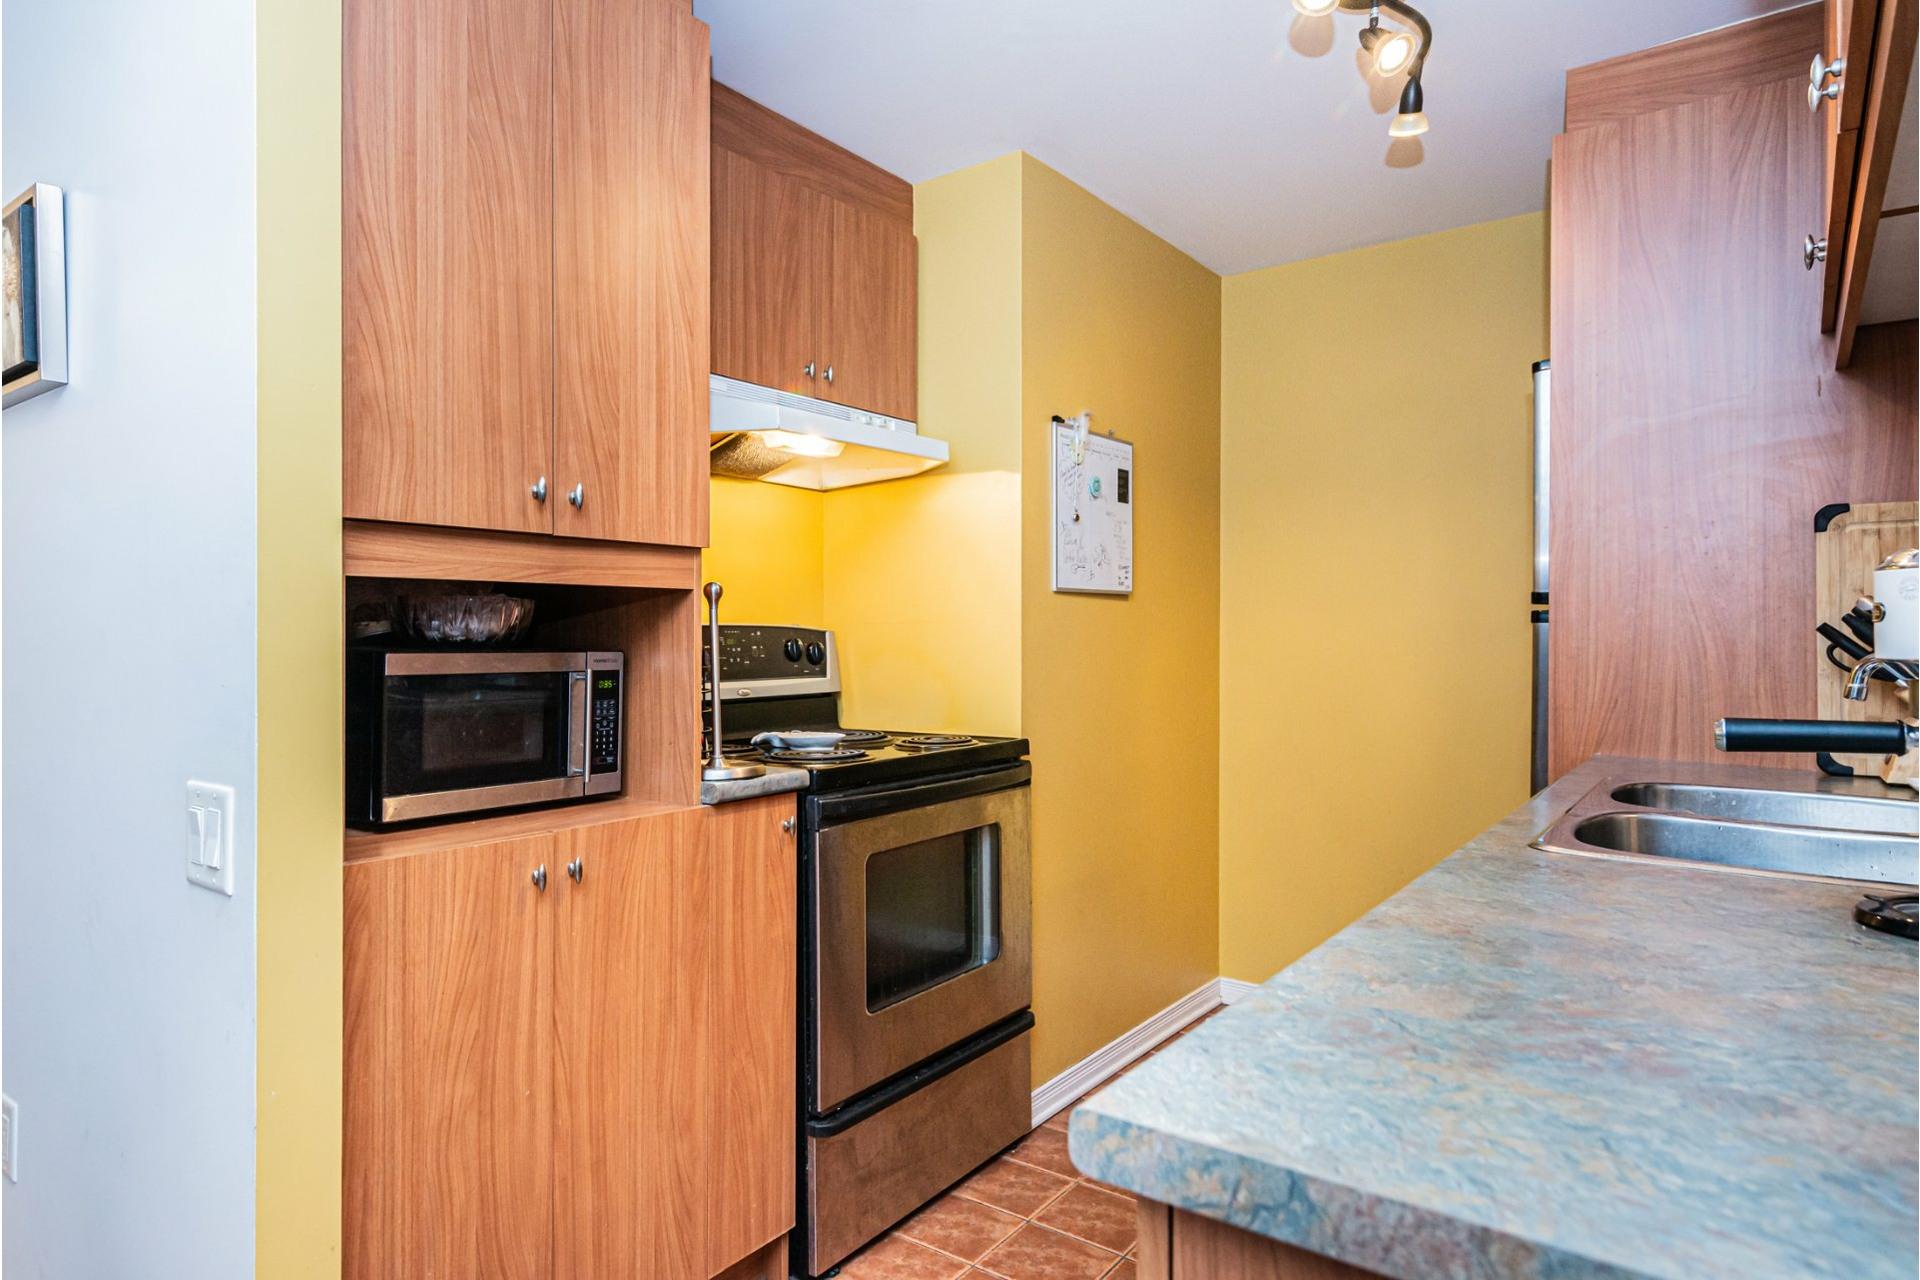 image 13 - Appartement À vendre Lachine Montréal  - 5 pièces